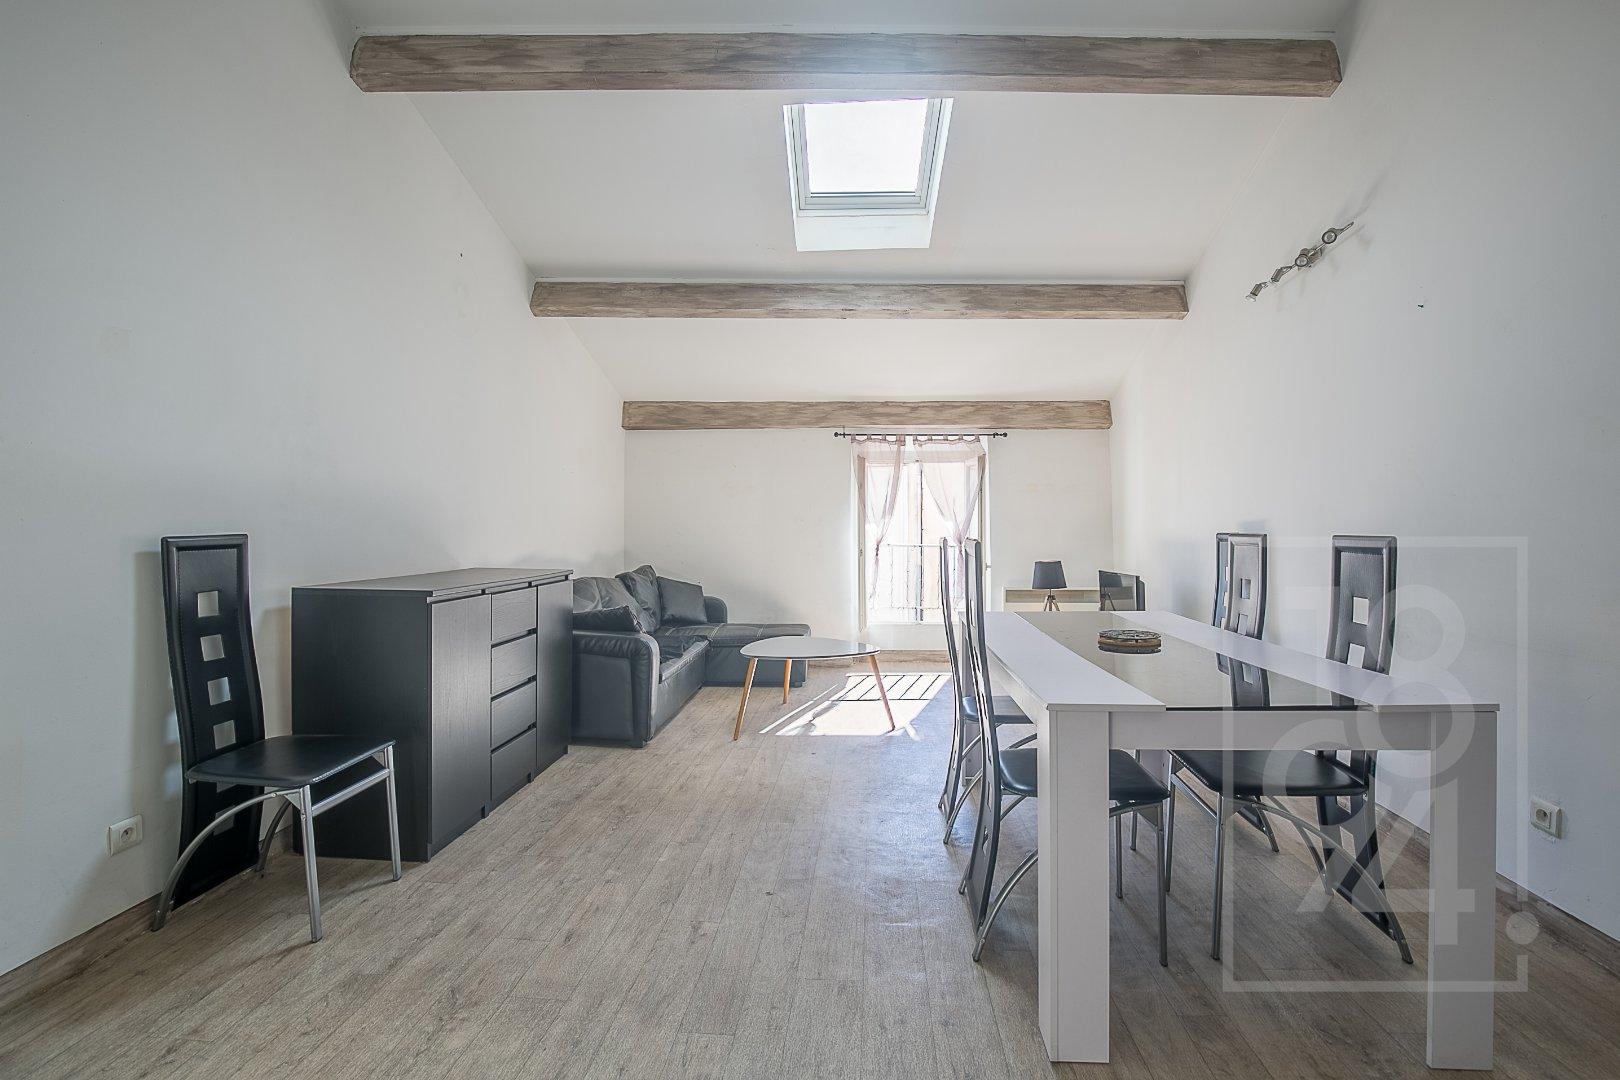 Appartement de type Loft, entièrement rénové, dans le centre ville de Gardanne